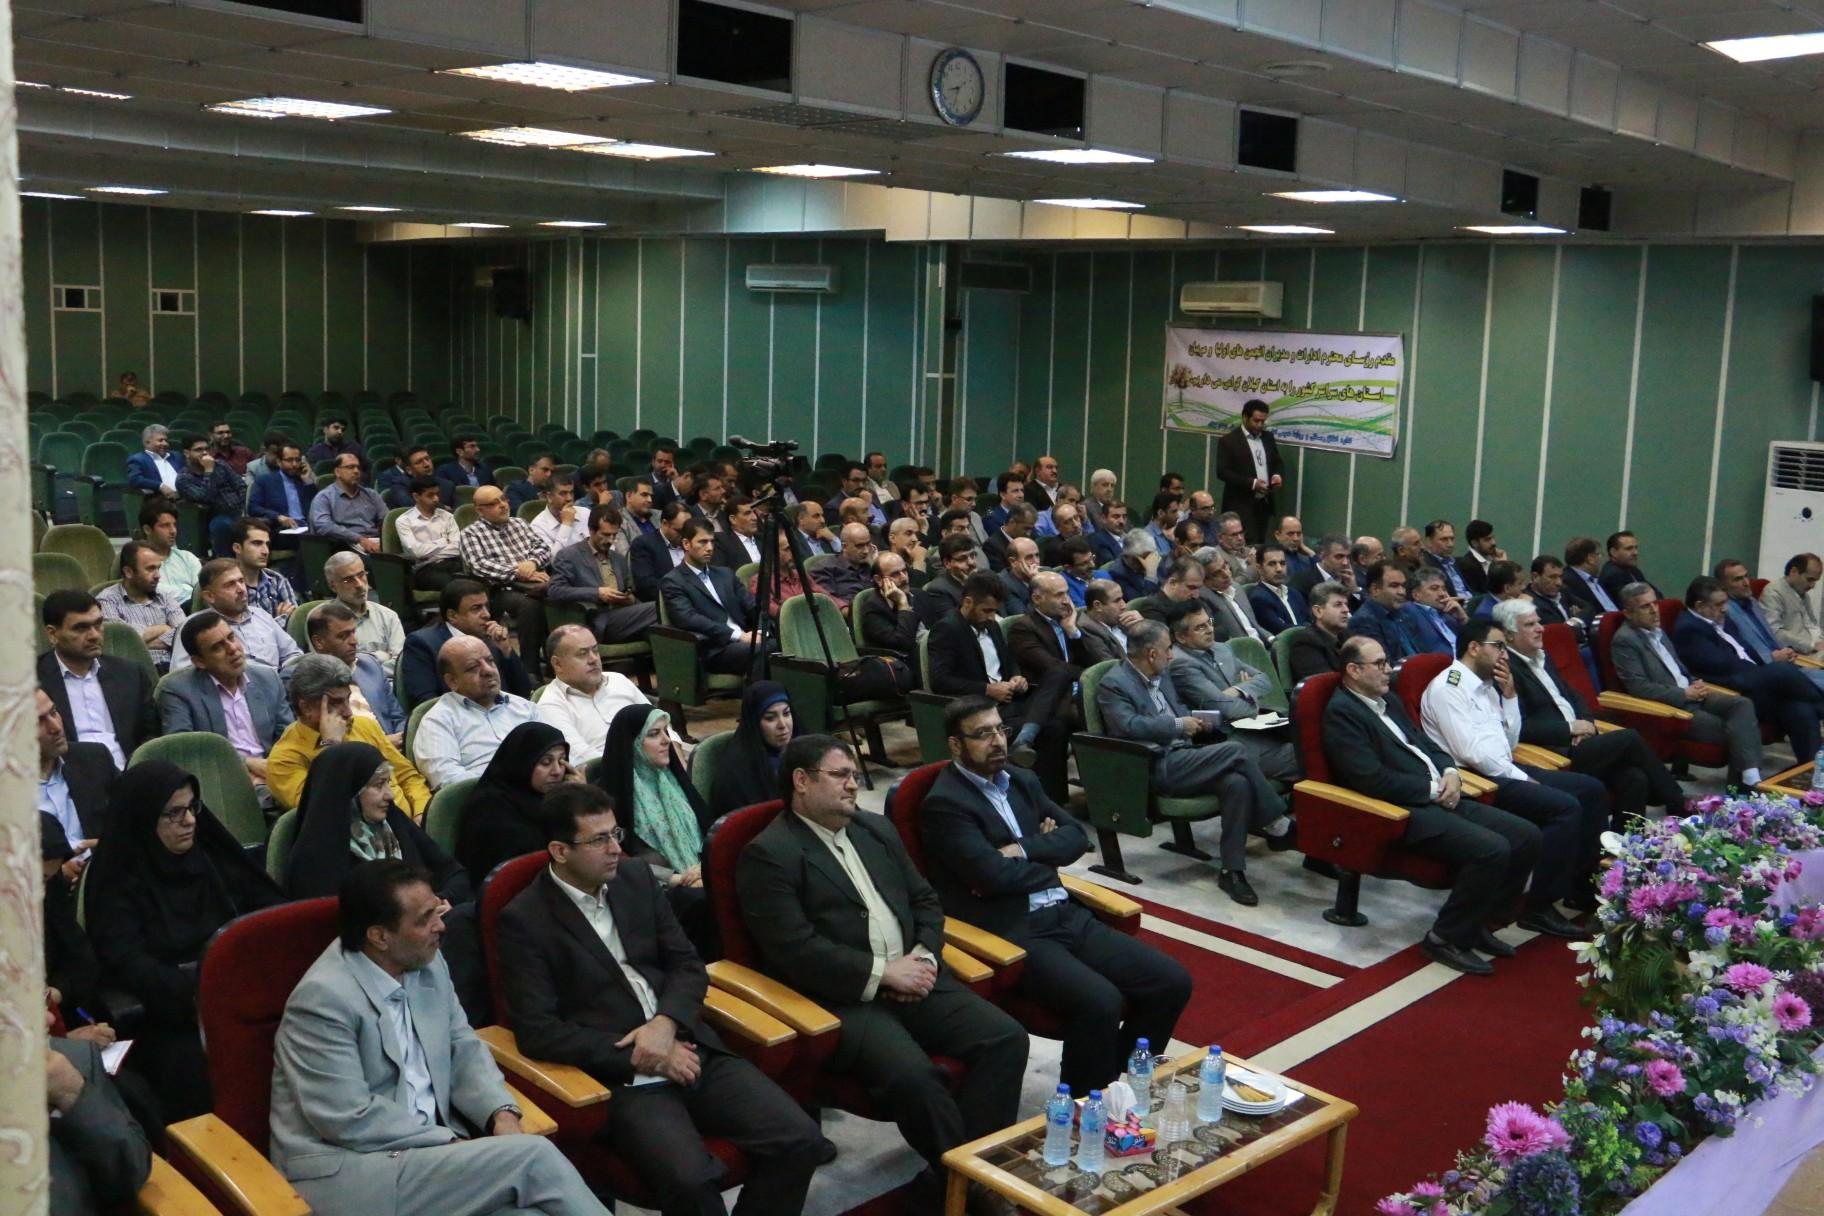 گردهمایی آموزشی_ توجیهی روسای ادارات و کارشناسان انجمن اولیا سراسر کشور